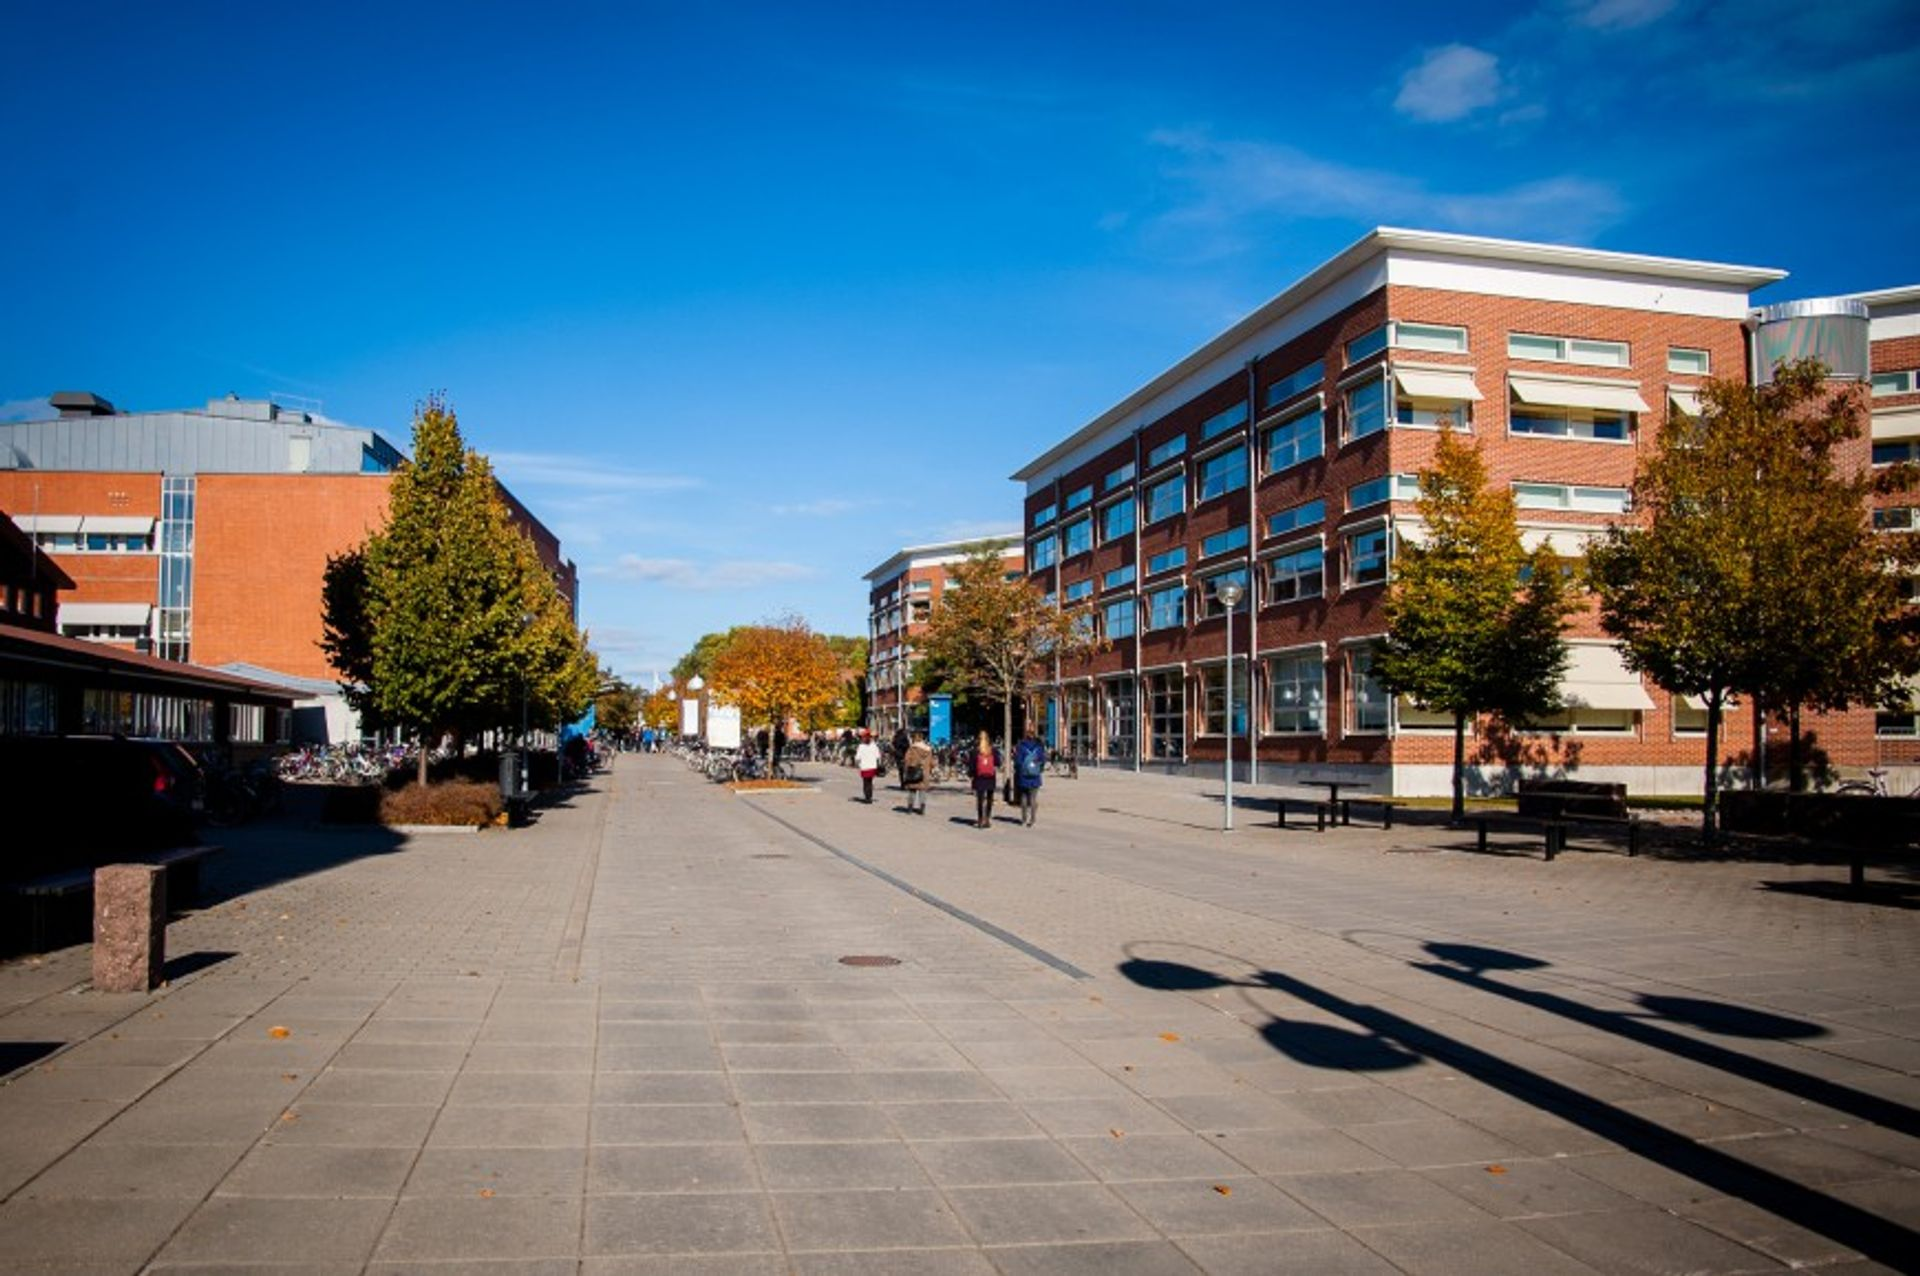 Exterior of Linköping University